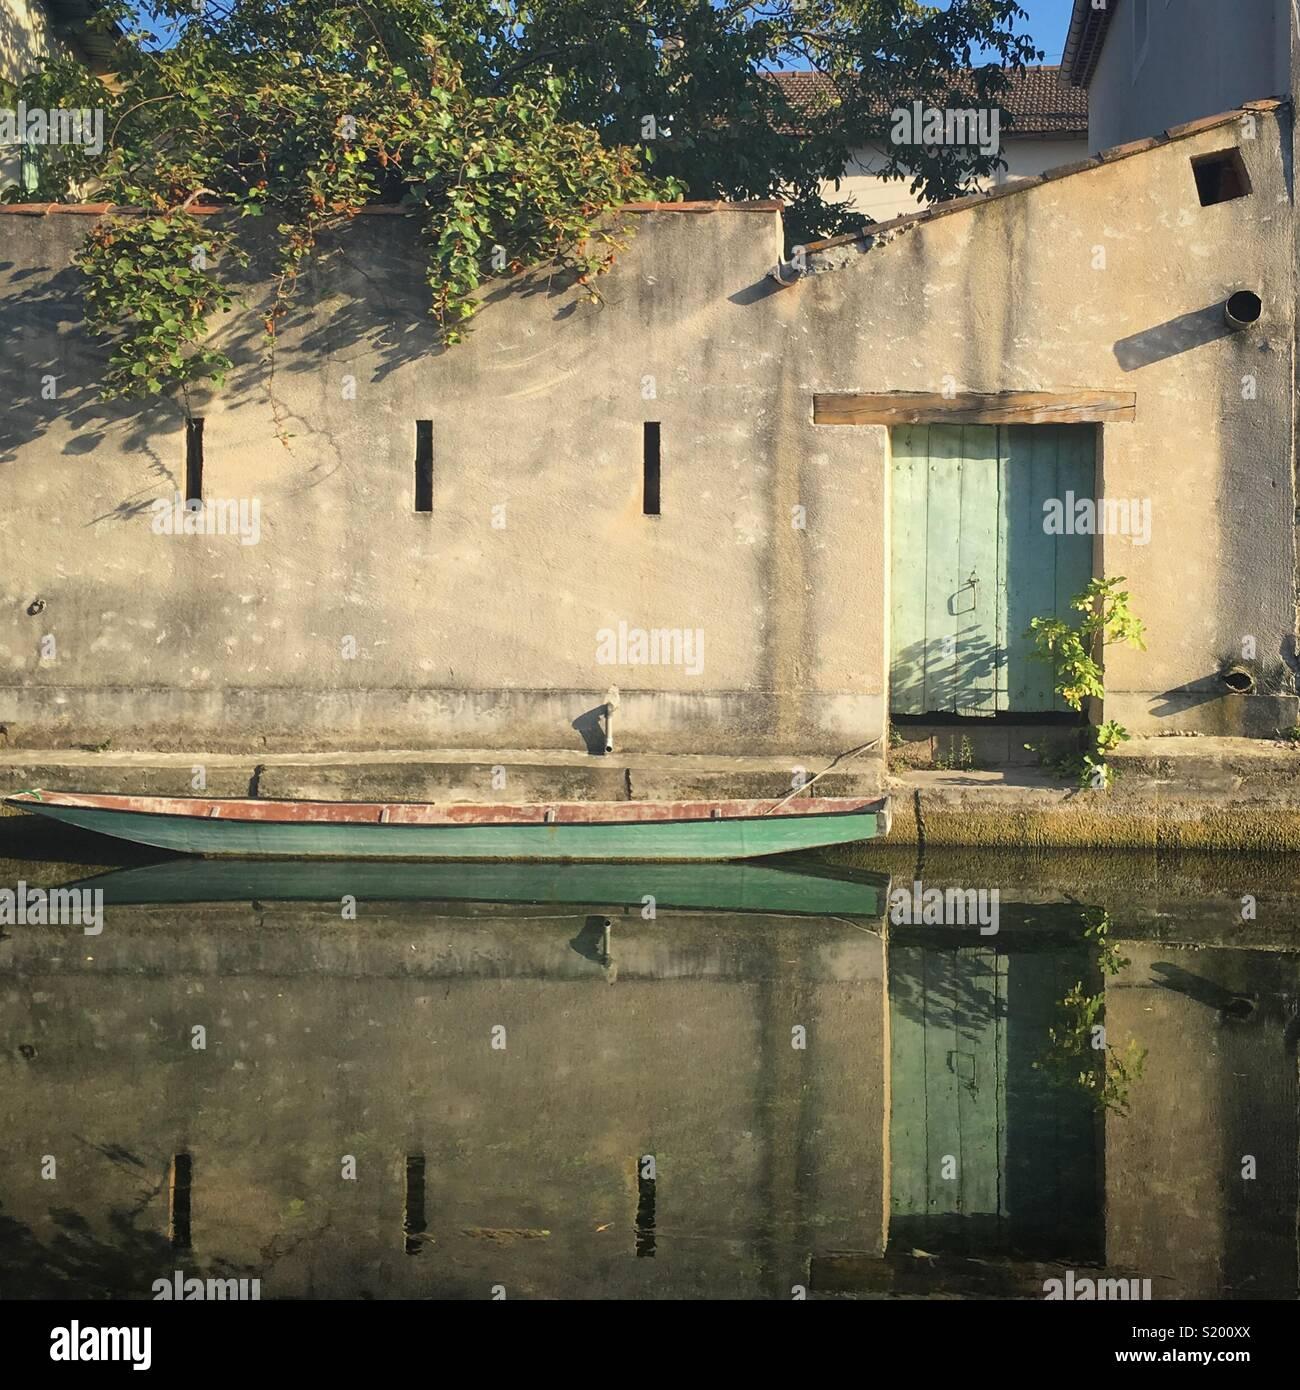 Eine Bootsfahrt auf dem ruhigen Wasser in L'Isle Sur La Sorgue, Provence, Frankreich Stockbild